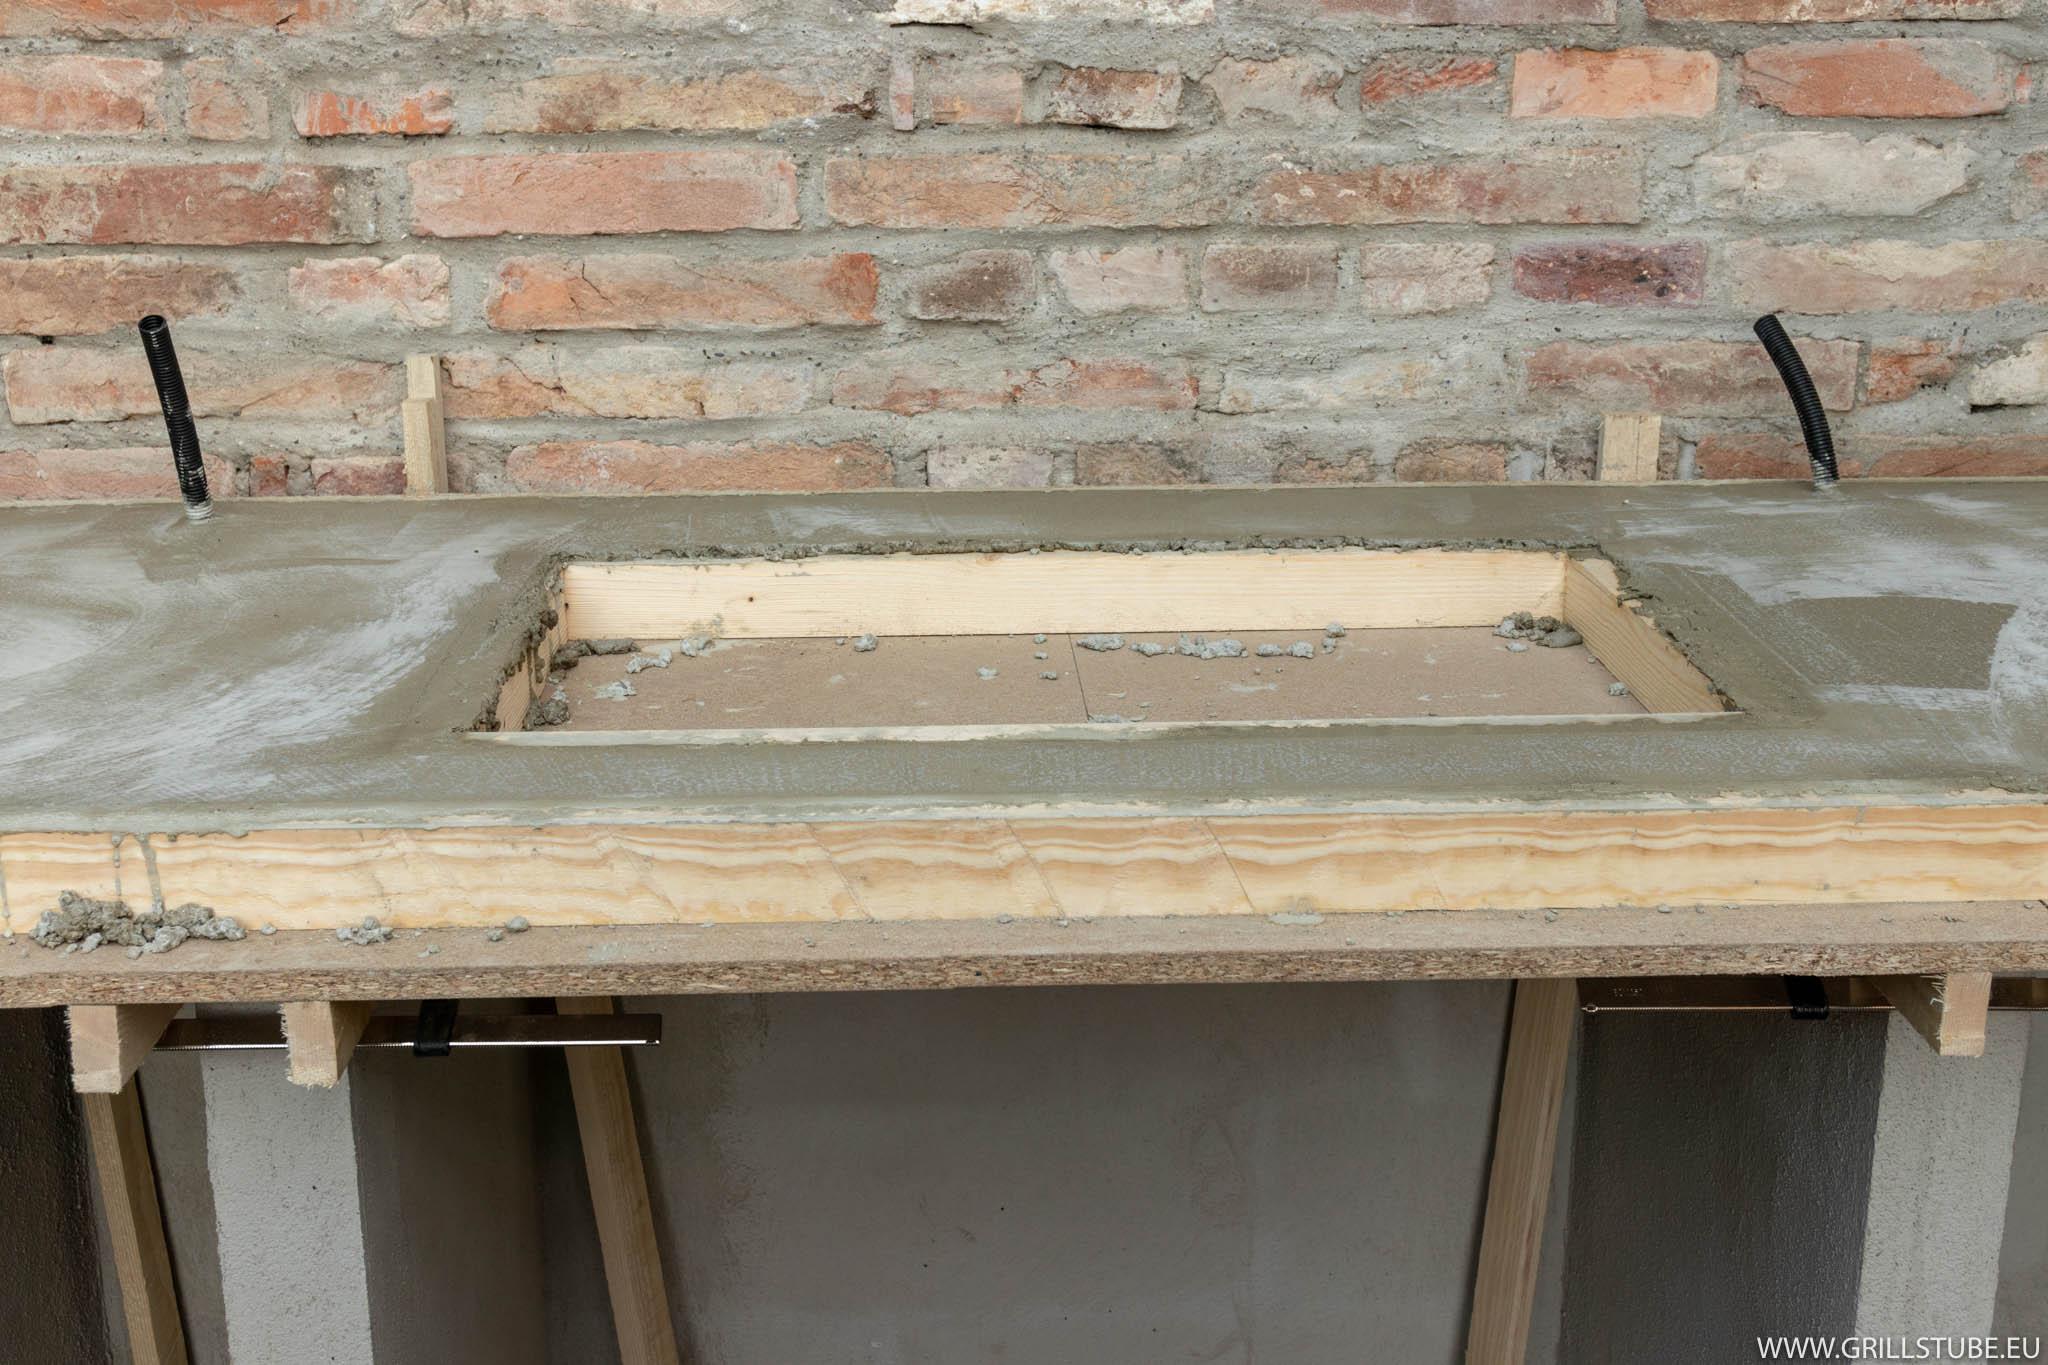 Outdoor Küche Beton Arbeitsplatte : Outdoorküche betonieren der arbeitsplatte andys grillstube